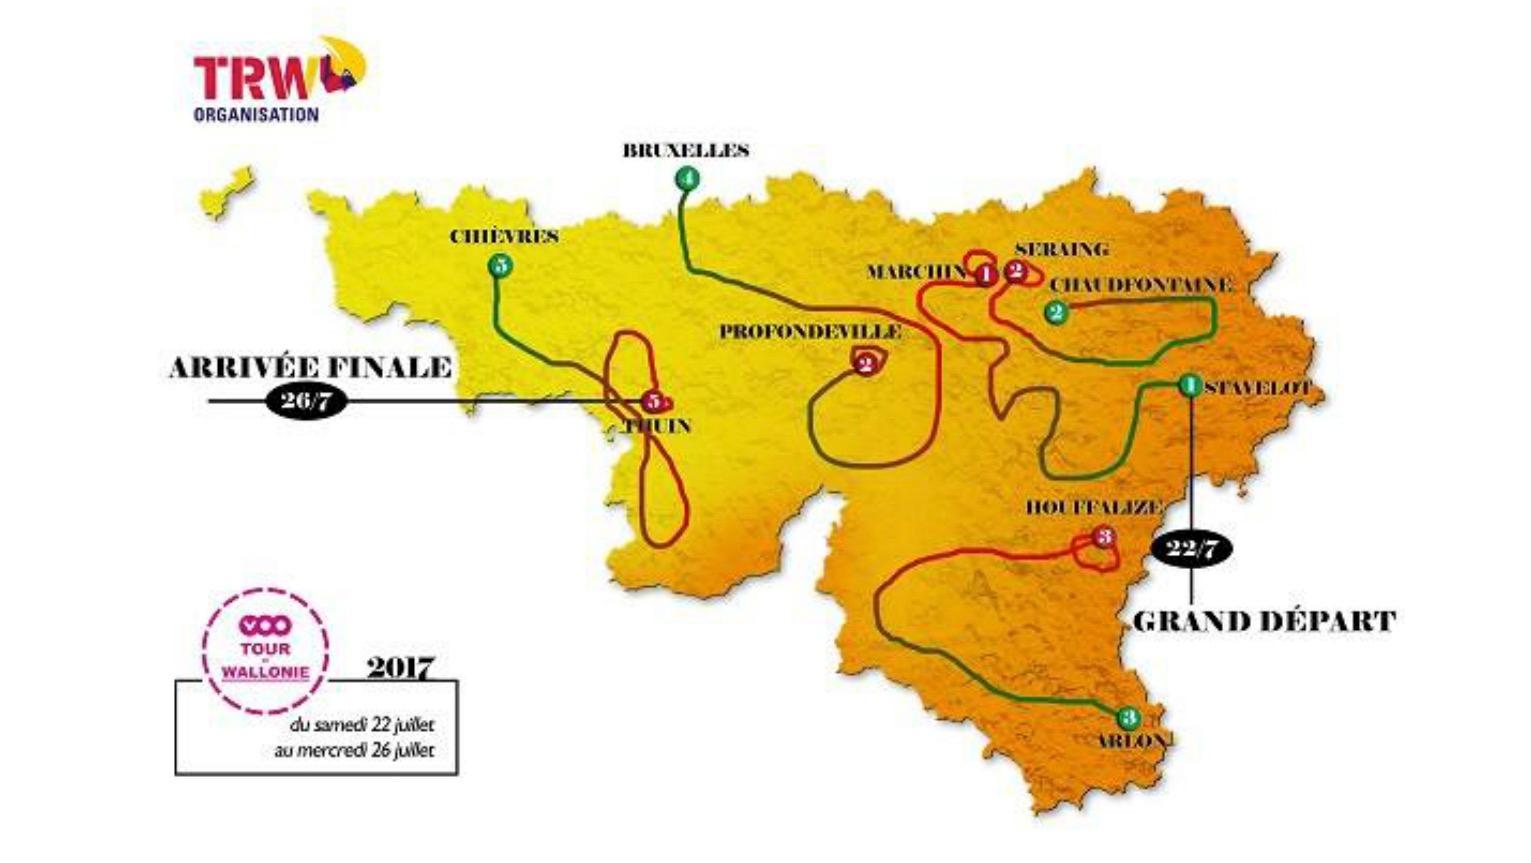 Le VOO Tour de Wallonie se terminera en Wallonie picarde